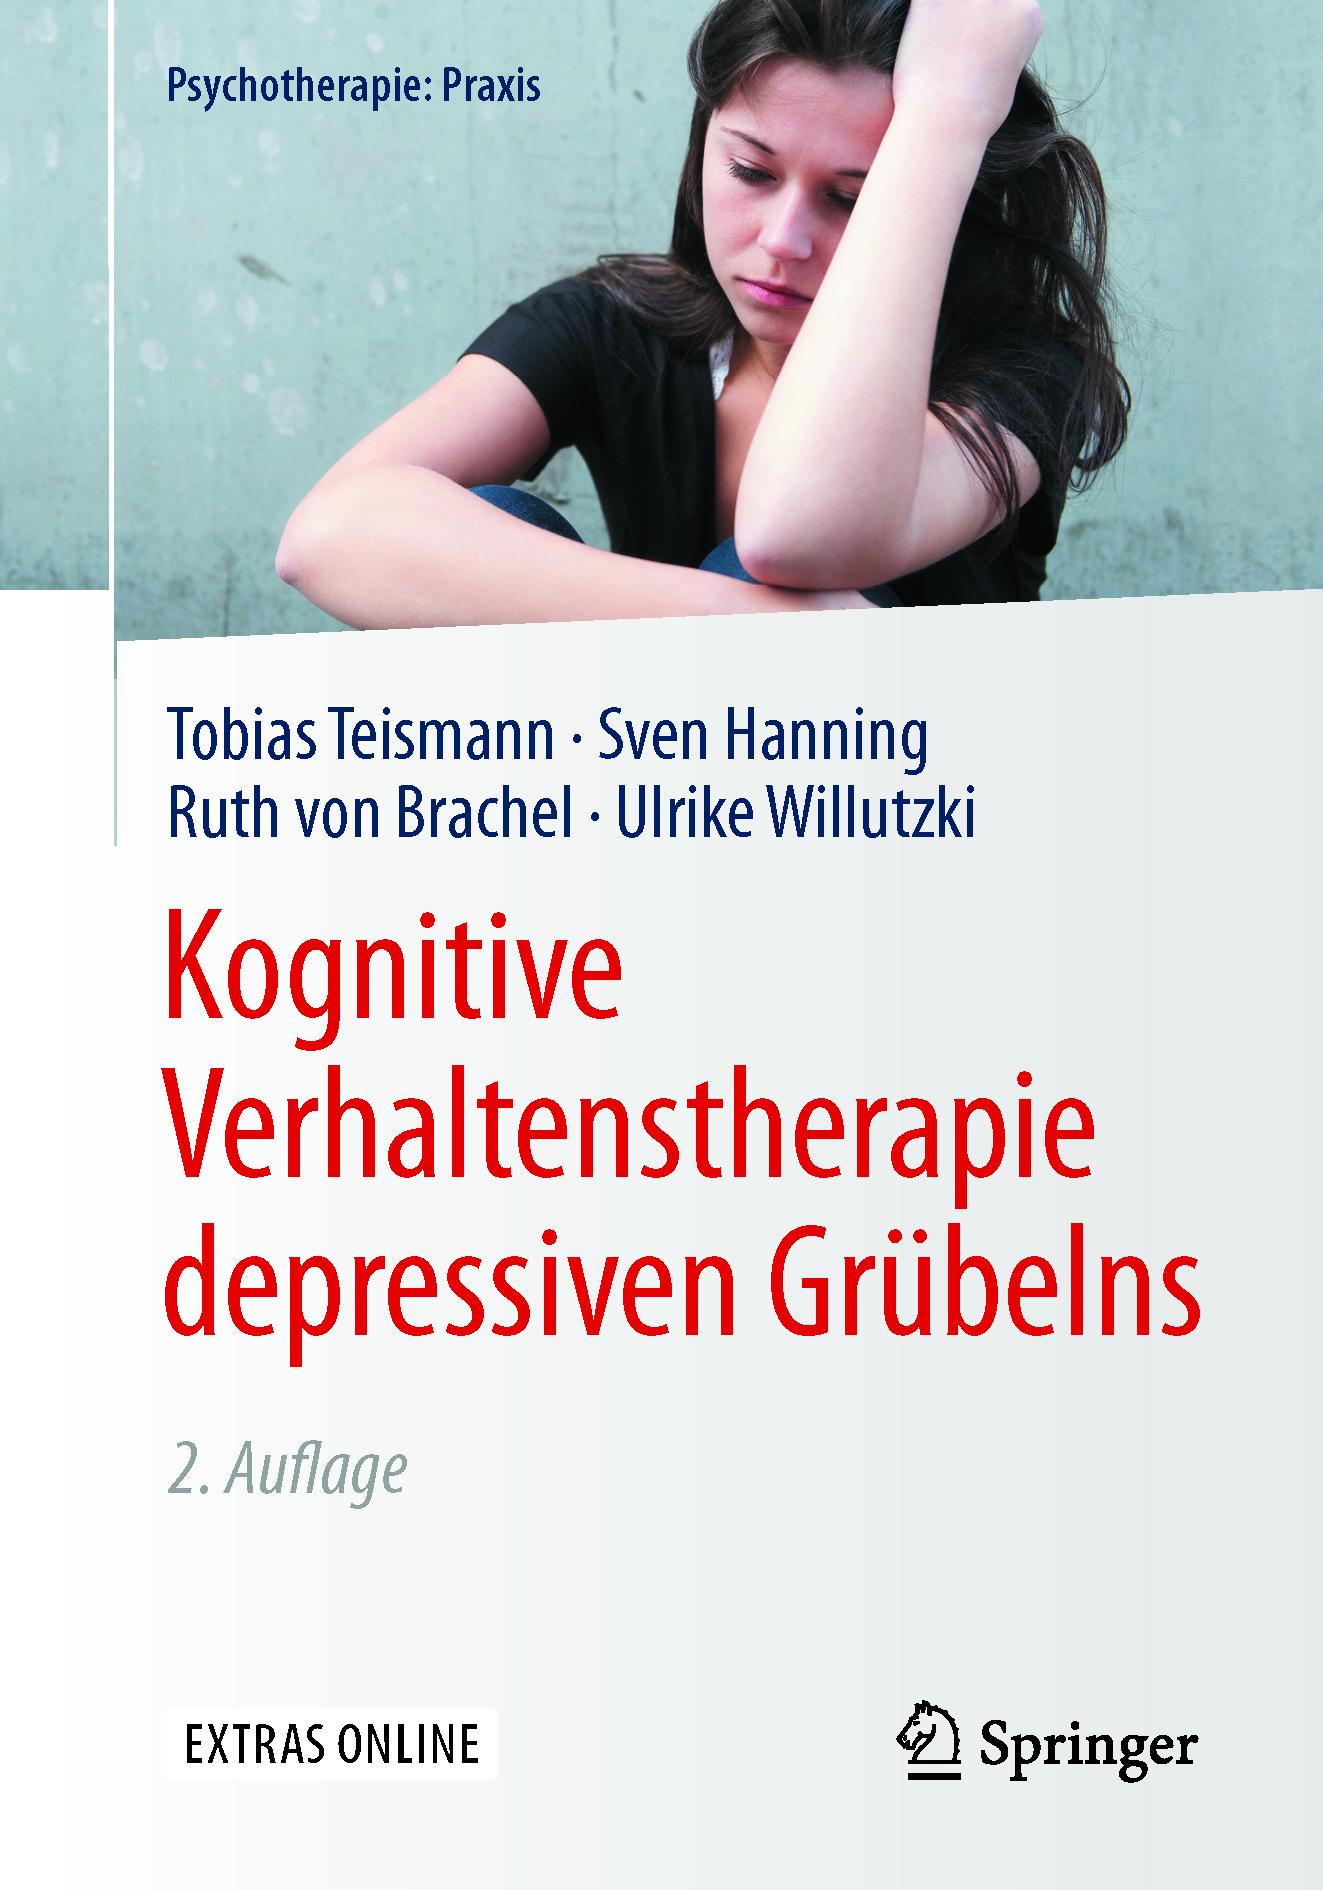 Brachel, Ruth von - Kognitive Verhaltenstherapie depressiven Grübelns, ebook